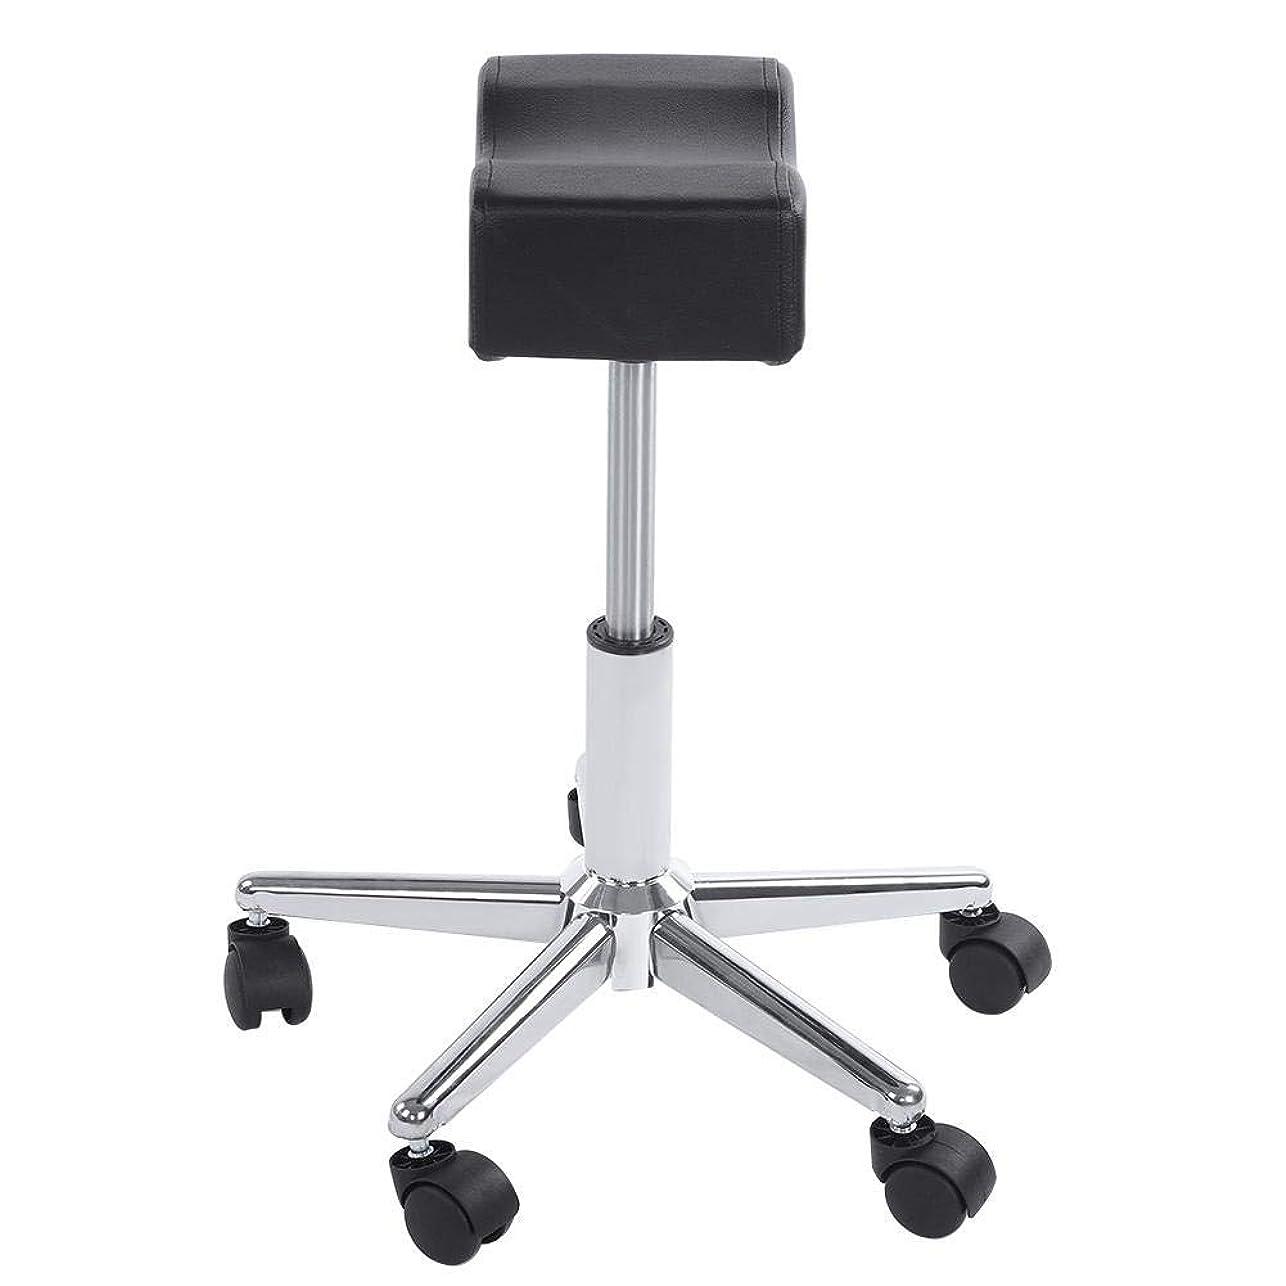 磁石特権的シンプルさ調節可能な椅子、調節可能な高さ油圧ローリング回転快適な座席クッションスツール用オフィスマッサージサロンキッチンスパ製図